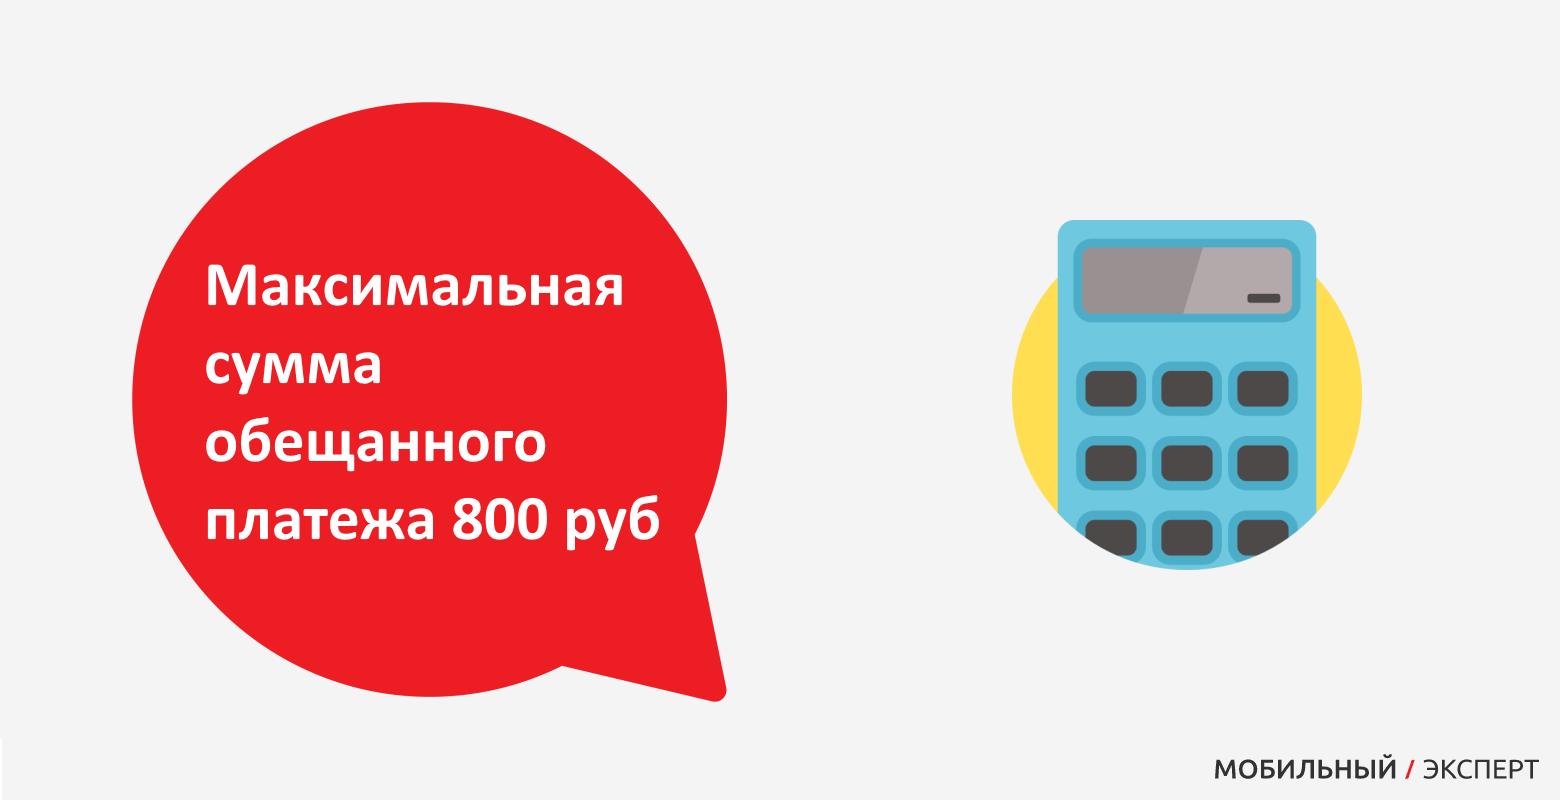 Максимальная сумма обещанного платежа 800 руб